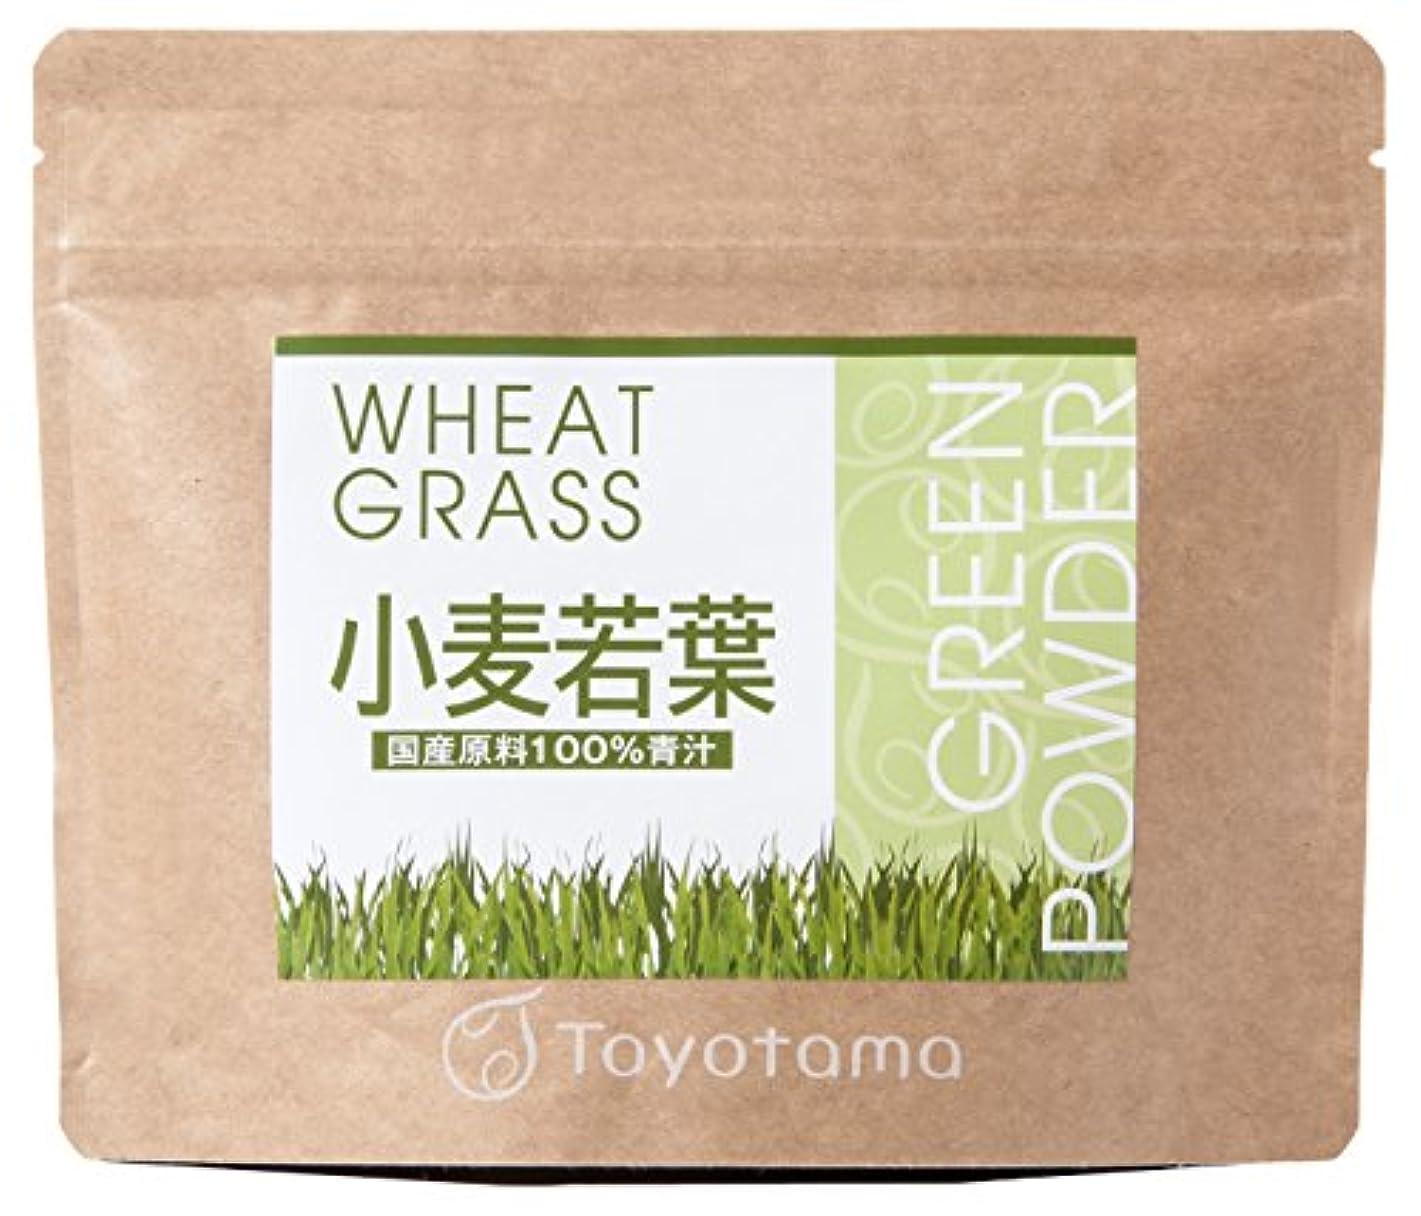 クレーターバリア消去トヨタマ(TOYOTAMA) 国産小麦若葉100%青汁 90g (約30回分) 無添加 ピュアパウダー 1096314